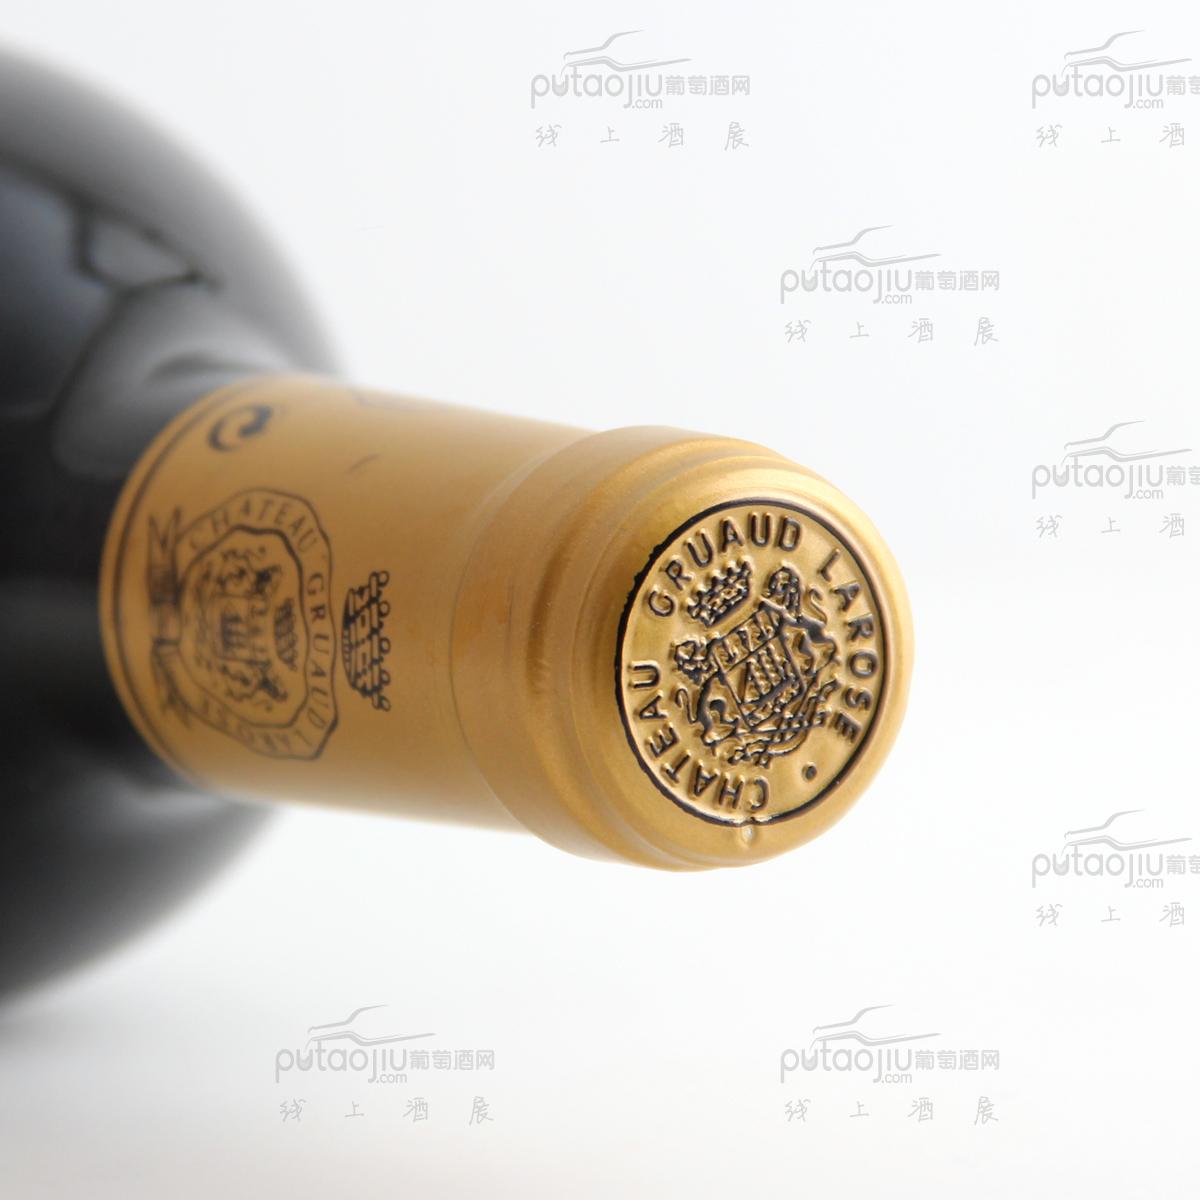 金玫瑰庄园副牌红葡萄酒